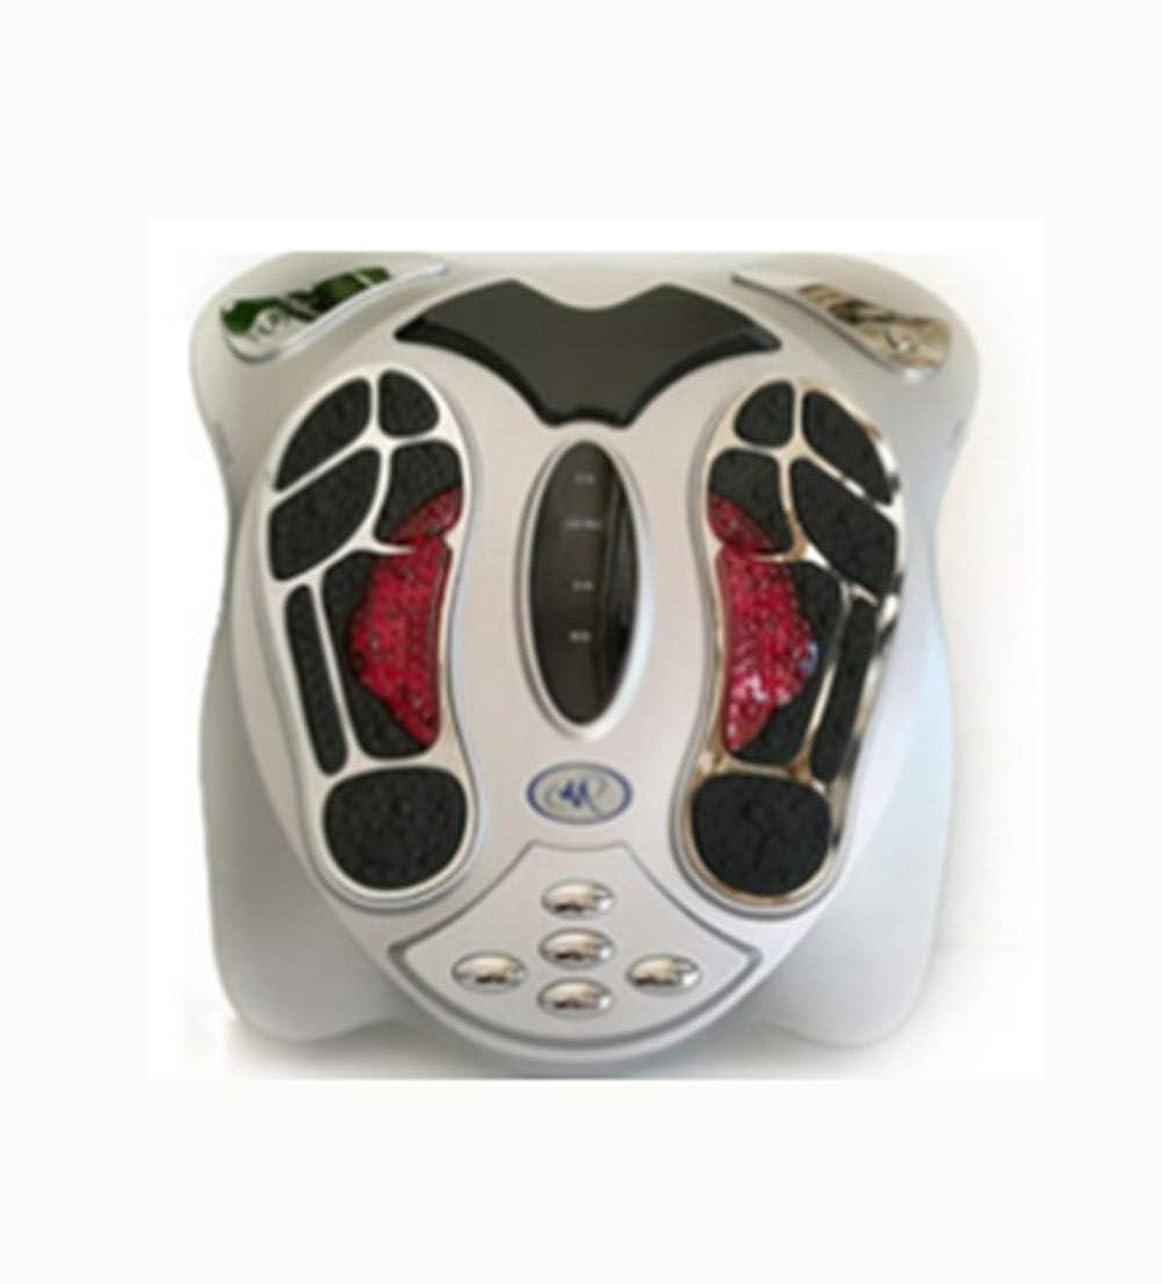 木材ブレース違う遠赤外線加熱足理学療法器具足電気治療器具ペディキュアマシンフットマッサージャーが痛みや痛みを和らげるのを助けることがある, Silver